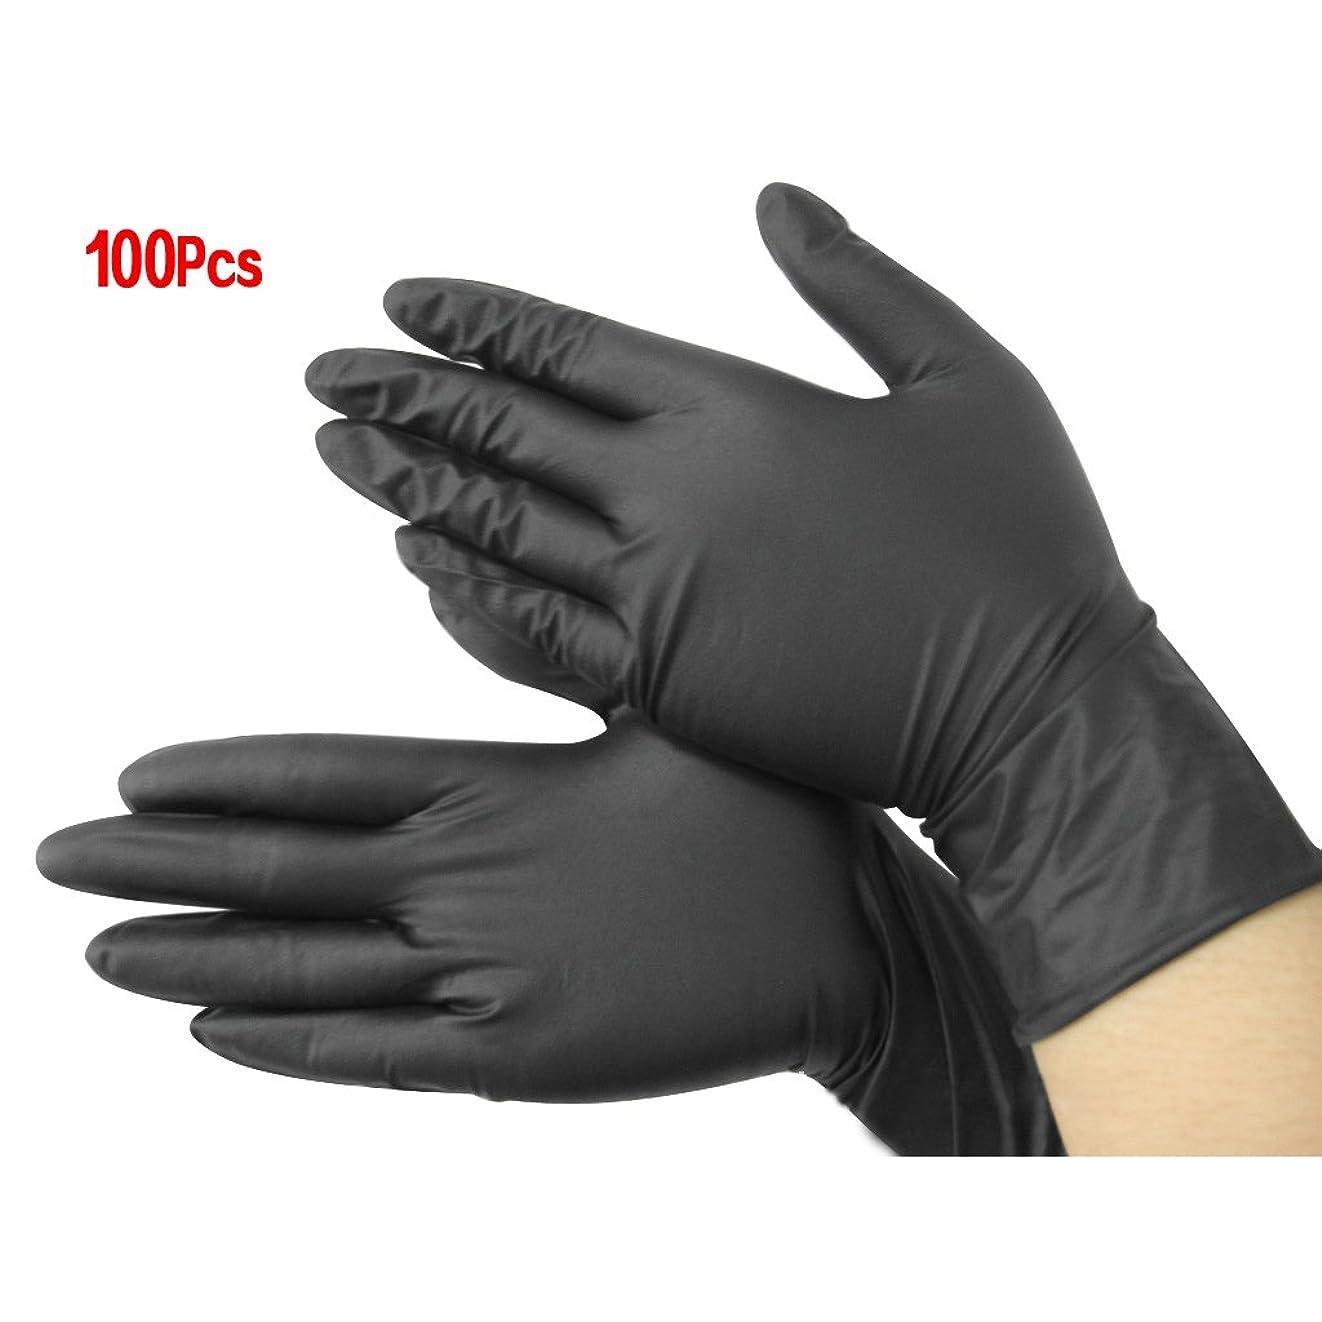 保存項目特徴づける手袋,SODIAL(R)黒いニトリル使い捨てクール手袋 パワーフリーX100 - 入れ墨 - メカニック 新しい